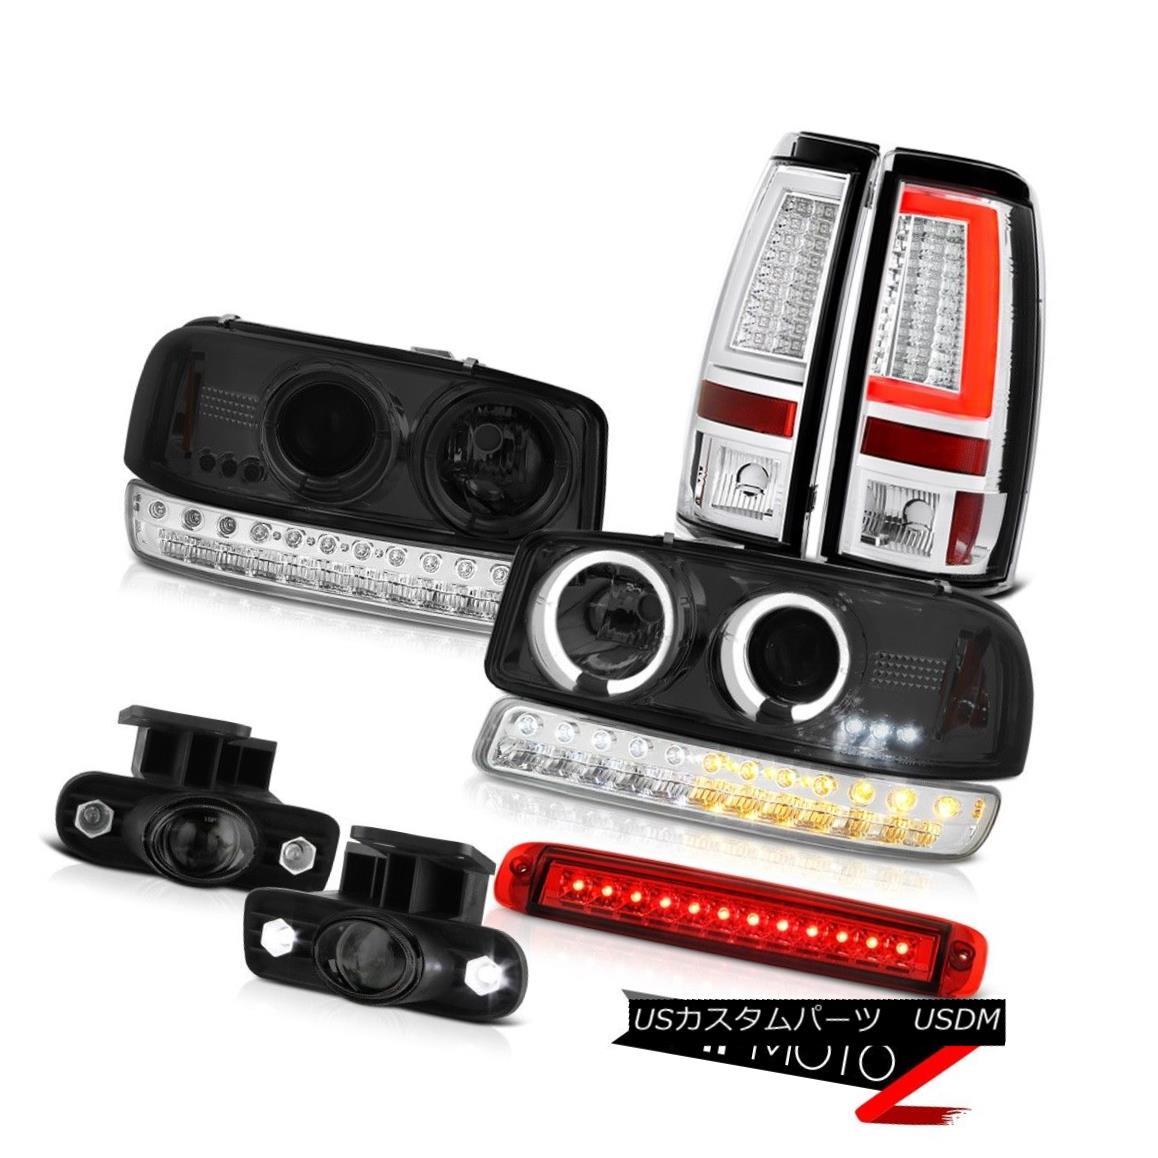 テールライト 99-02 Sierra 3500HD Taillamps Roof Cab Lamp Fog Lamps Bumper Headlamps Halo Ring 99-02 Sierra 3500HDタイルランプルーフキャブランプフォグランプバンパーヘッドランプハローリング